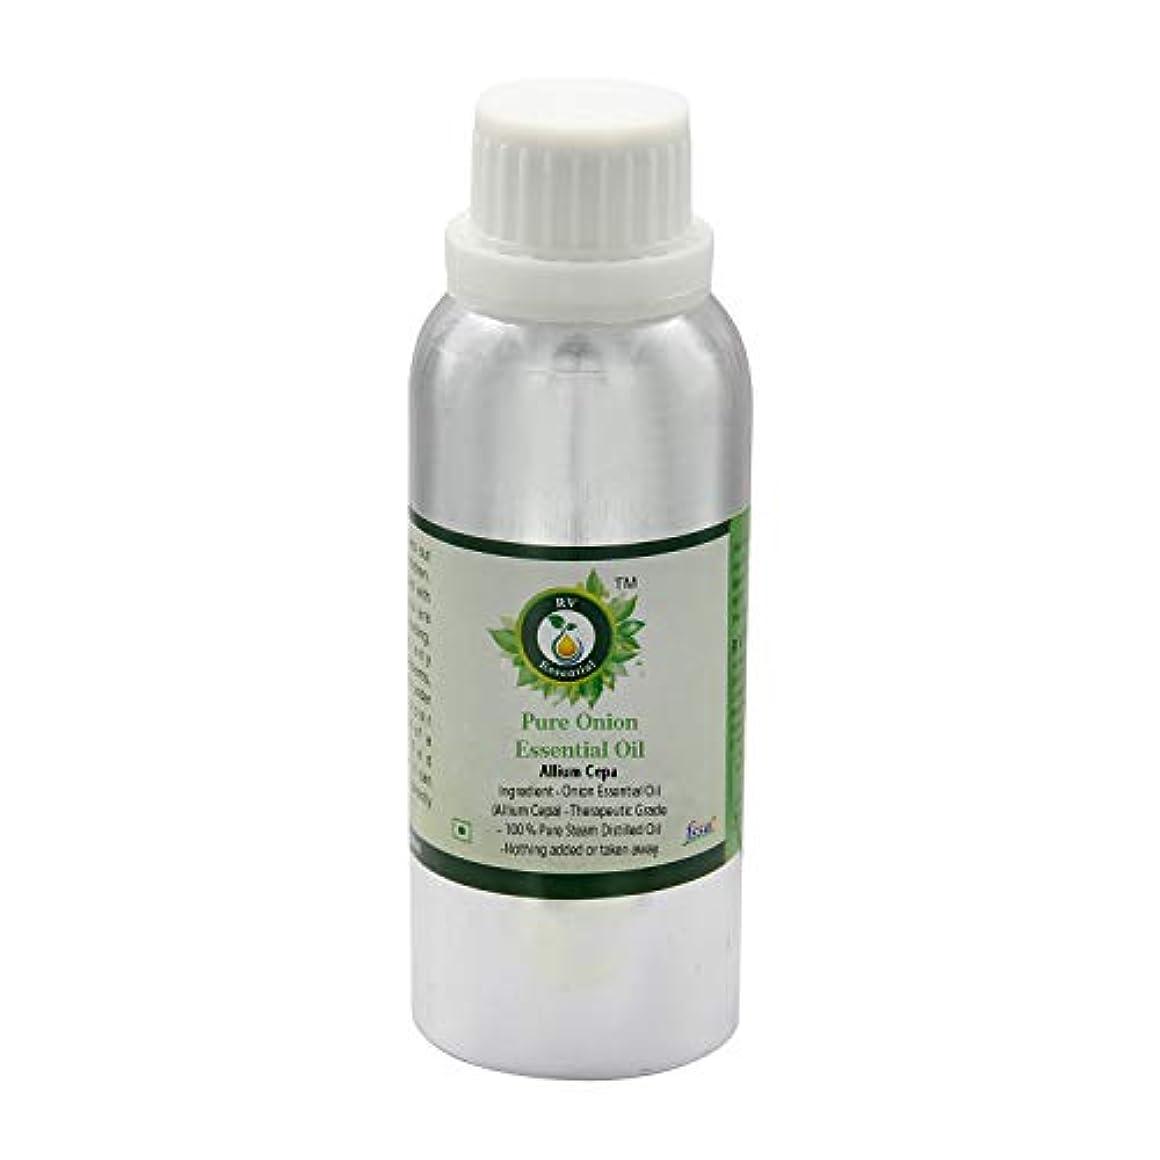 ふくろうポーチ掃除ピュアエッセンシャルオイルオニオン630ml (21oz)- Allium Cepa (100%純粋&天然スチームDistilled) Pure Onion Essential Oil